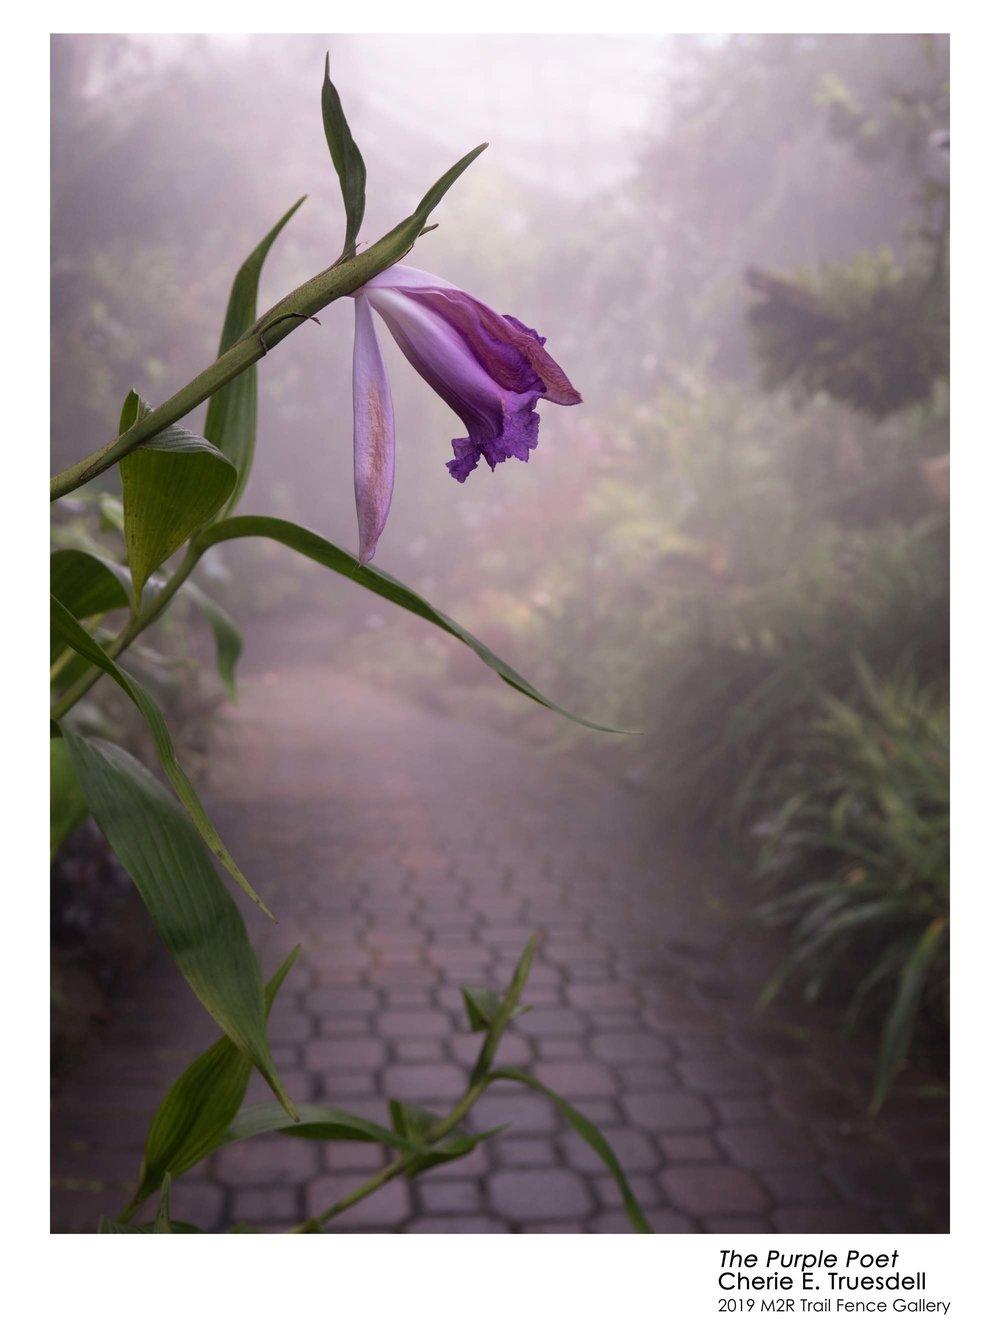 Cherie_Truesdell-The_Purple_Poet - cheriedvm.jpg